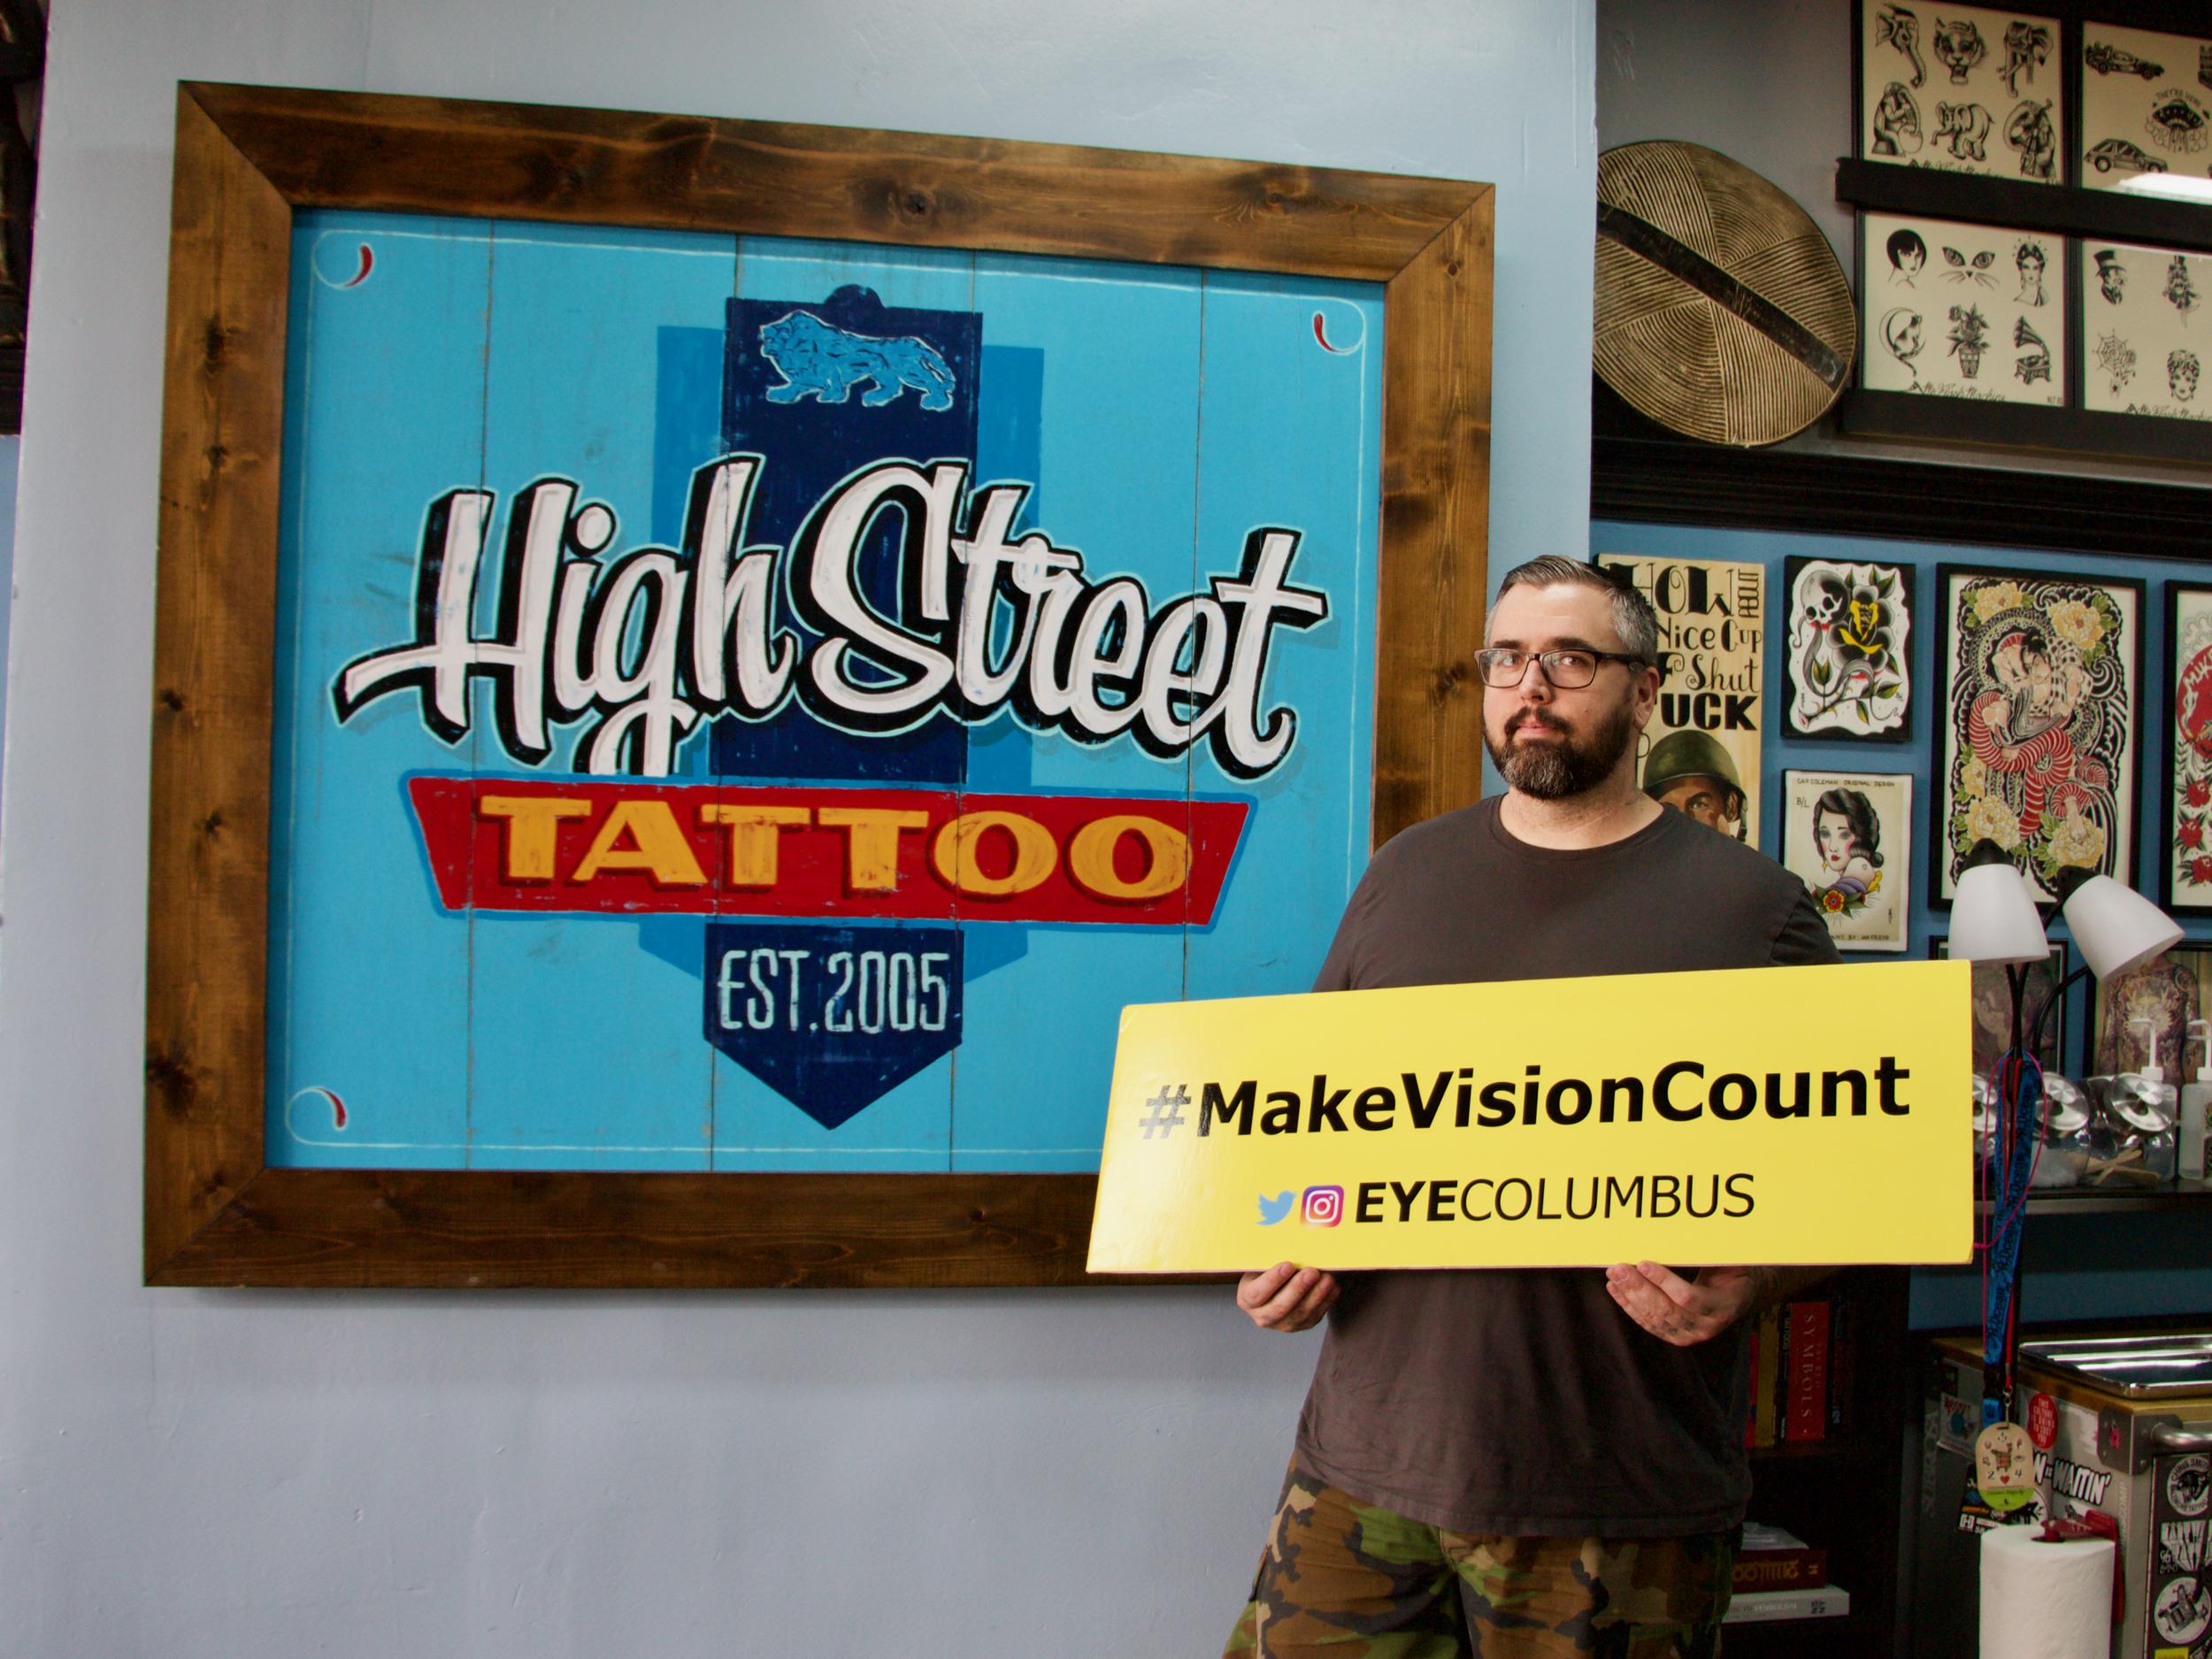 High Street Tattoo |  @highstreettattoo